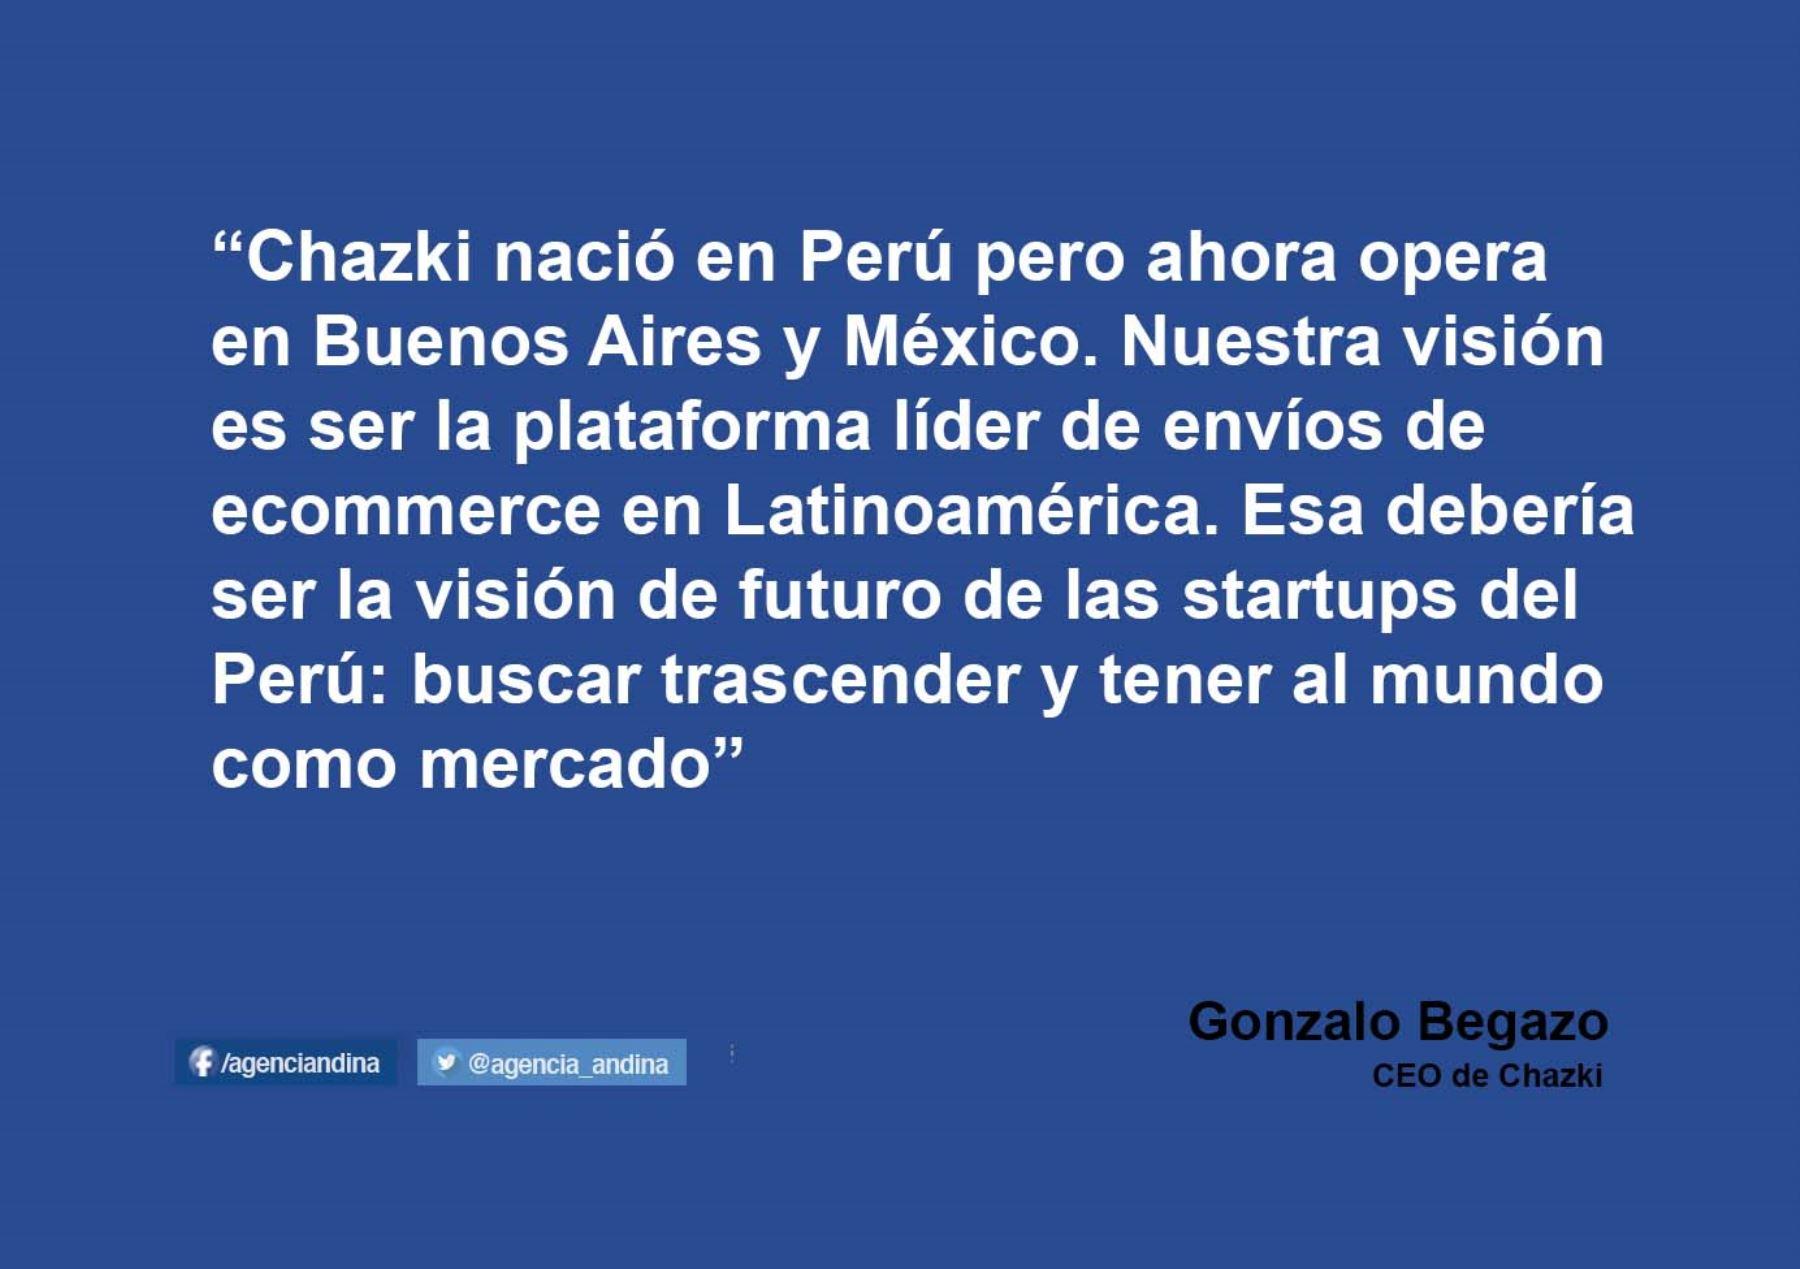 Chazki es una plataforma de ecommerce.